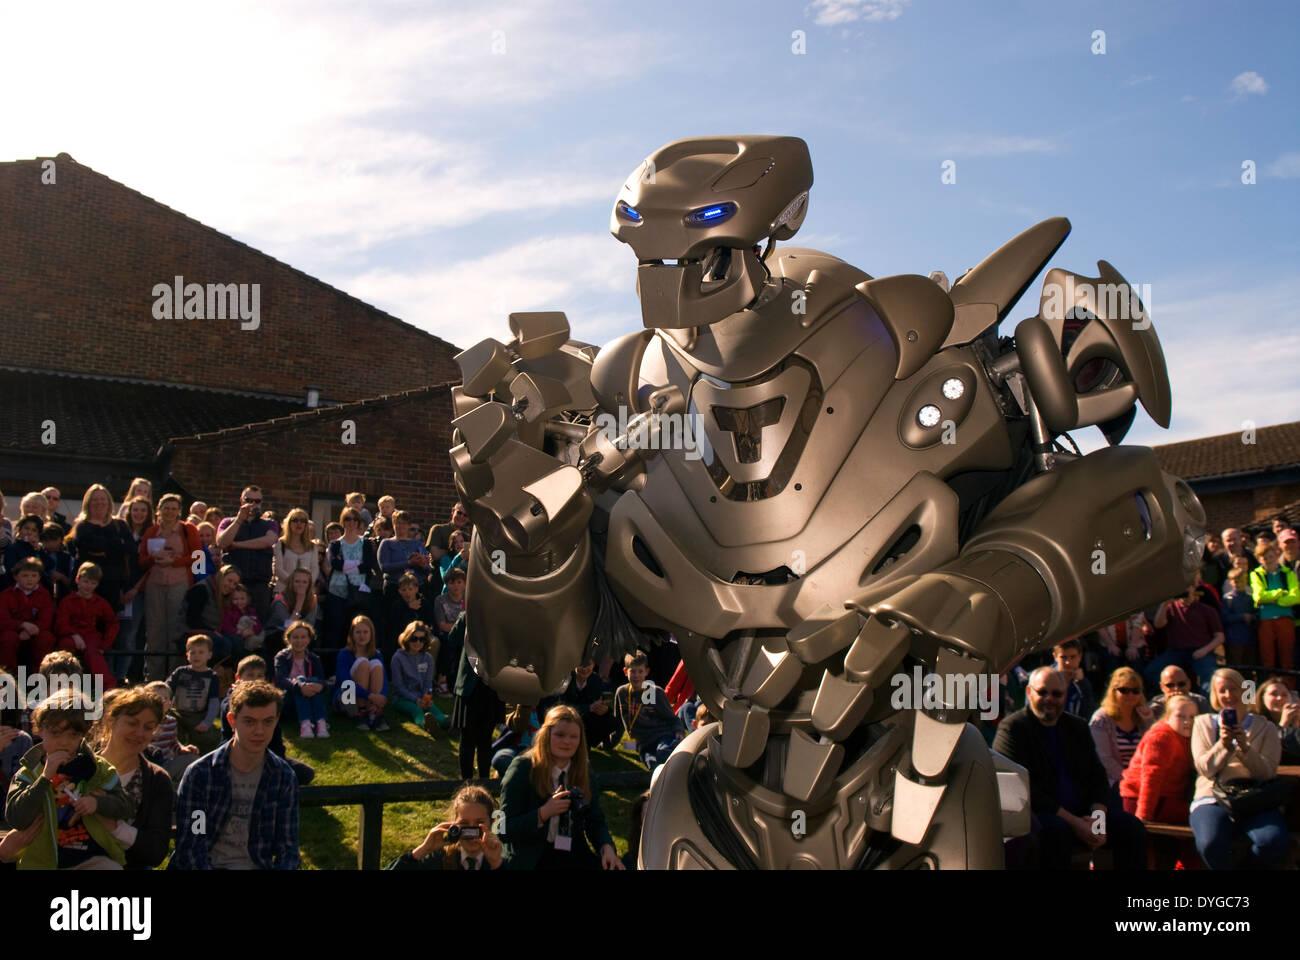 Titan il robot che appare in corrispondenza del gambo (Scienza, Tecnologia, Ingegneria Matematica) Festival, Liphook, Immagini Stock